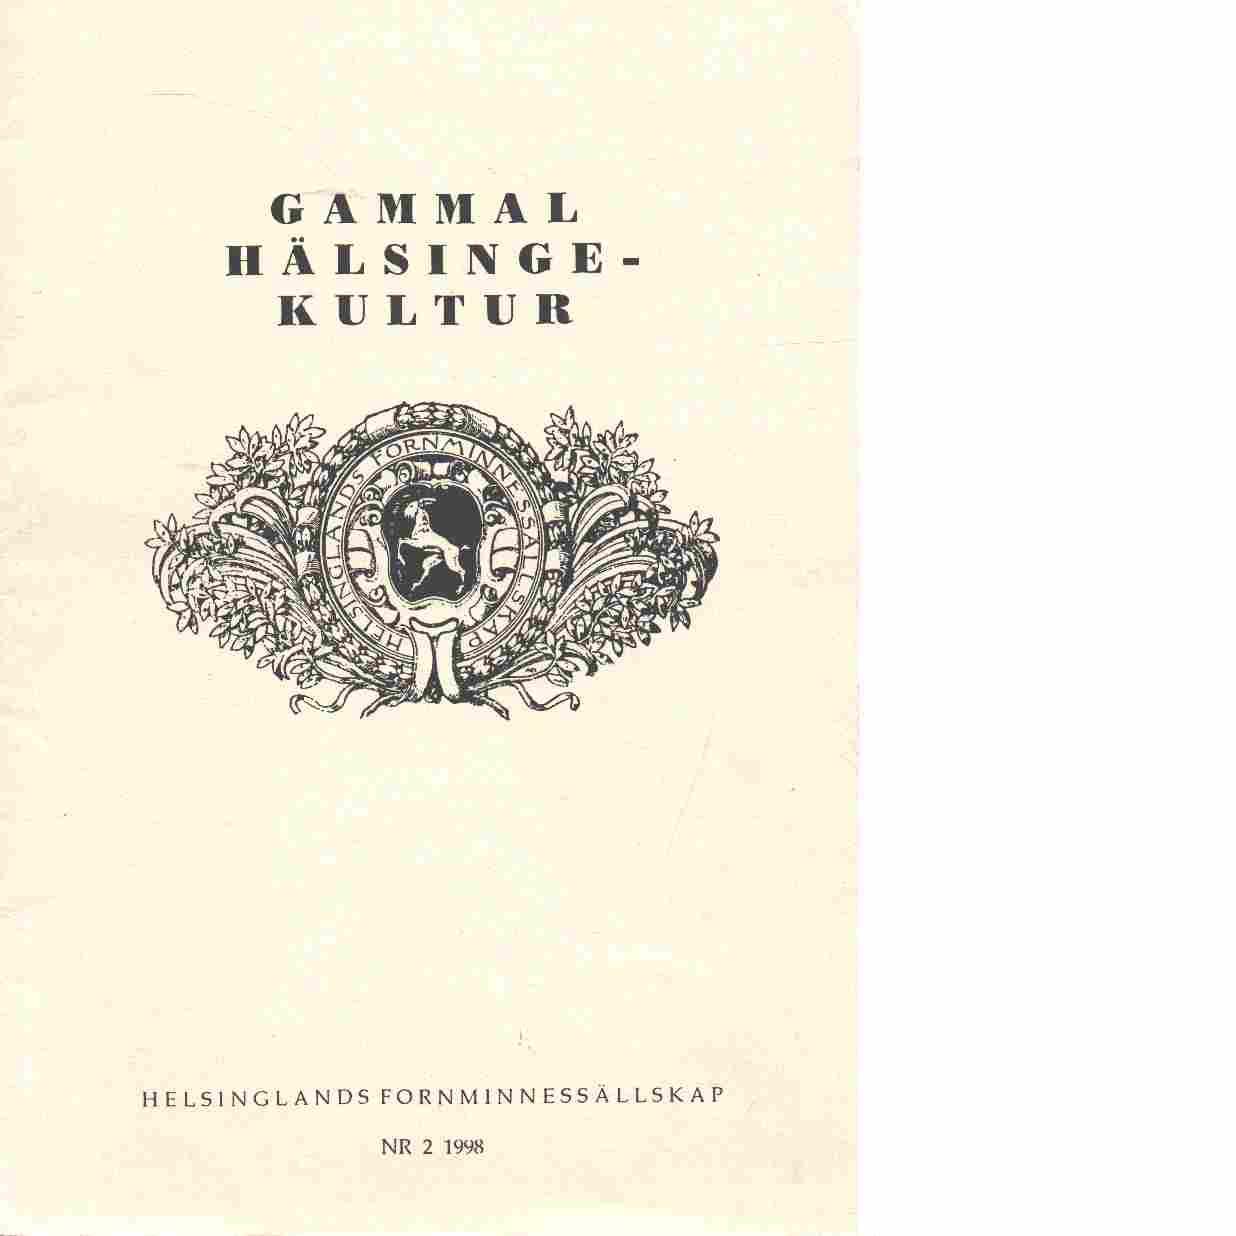 Gammal hälsingekultur : meddelanden från Hälsinglands fornminnessällskap 1998 nr 2 - Hälsinglands fornminnessällskap